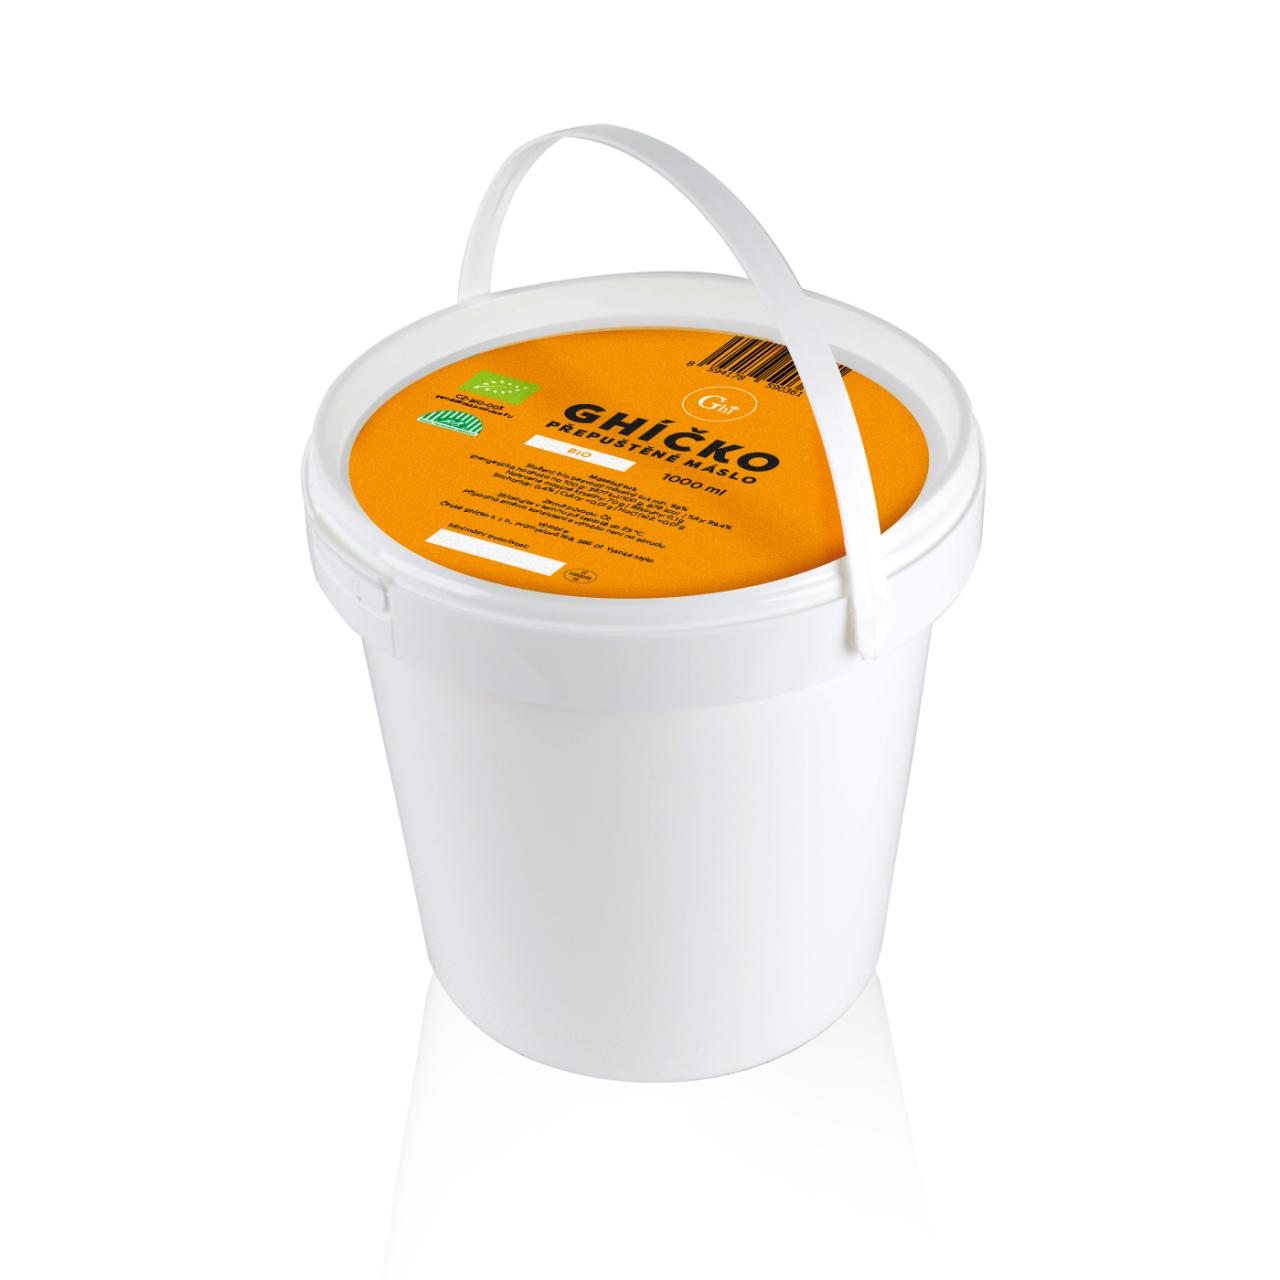 Ghí přepuštěné máslo 10l BIO